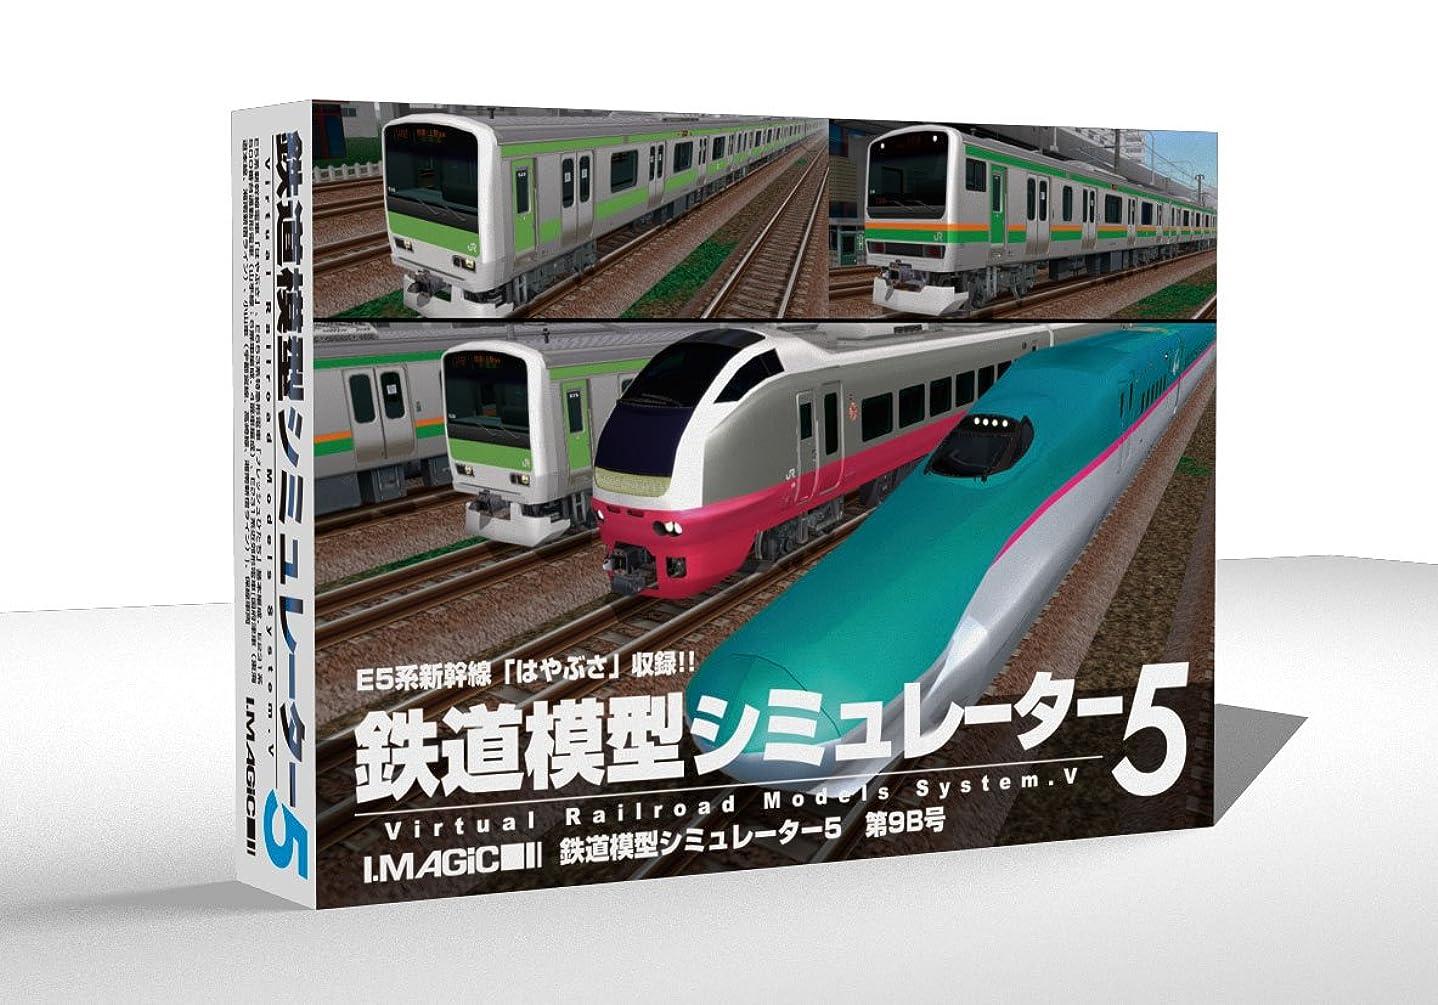 ミキサー復讐差別的鉄道模型シミュレーター5 第9B号